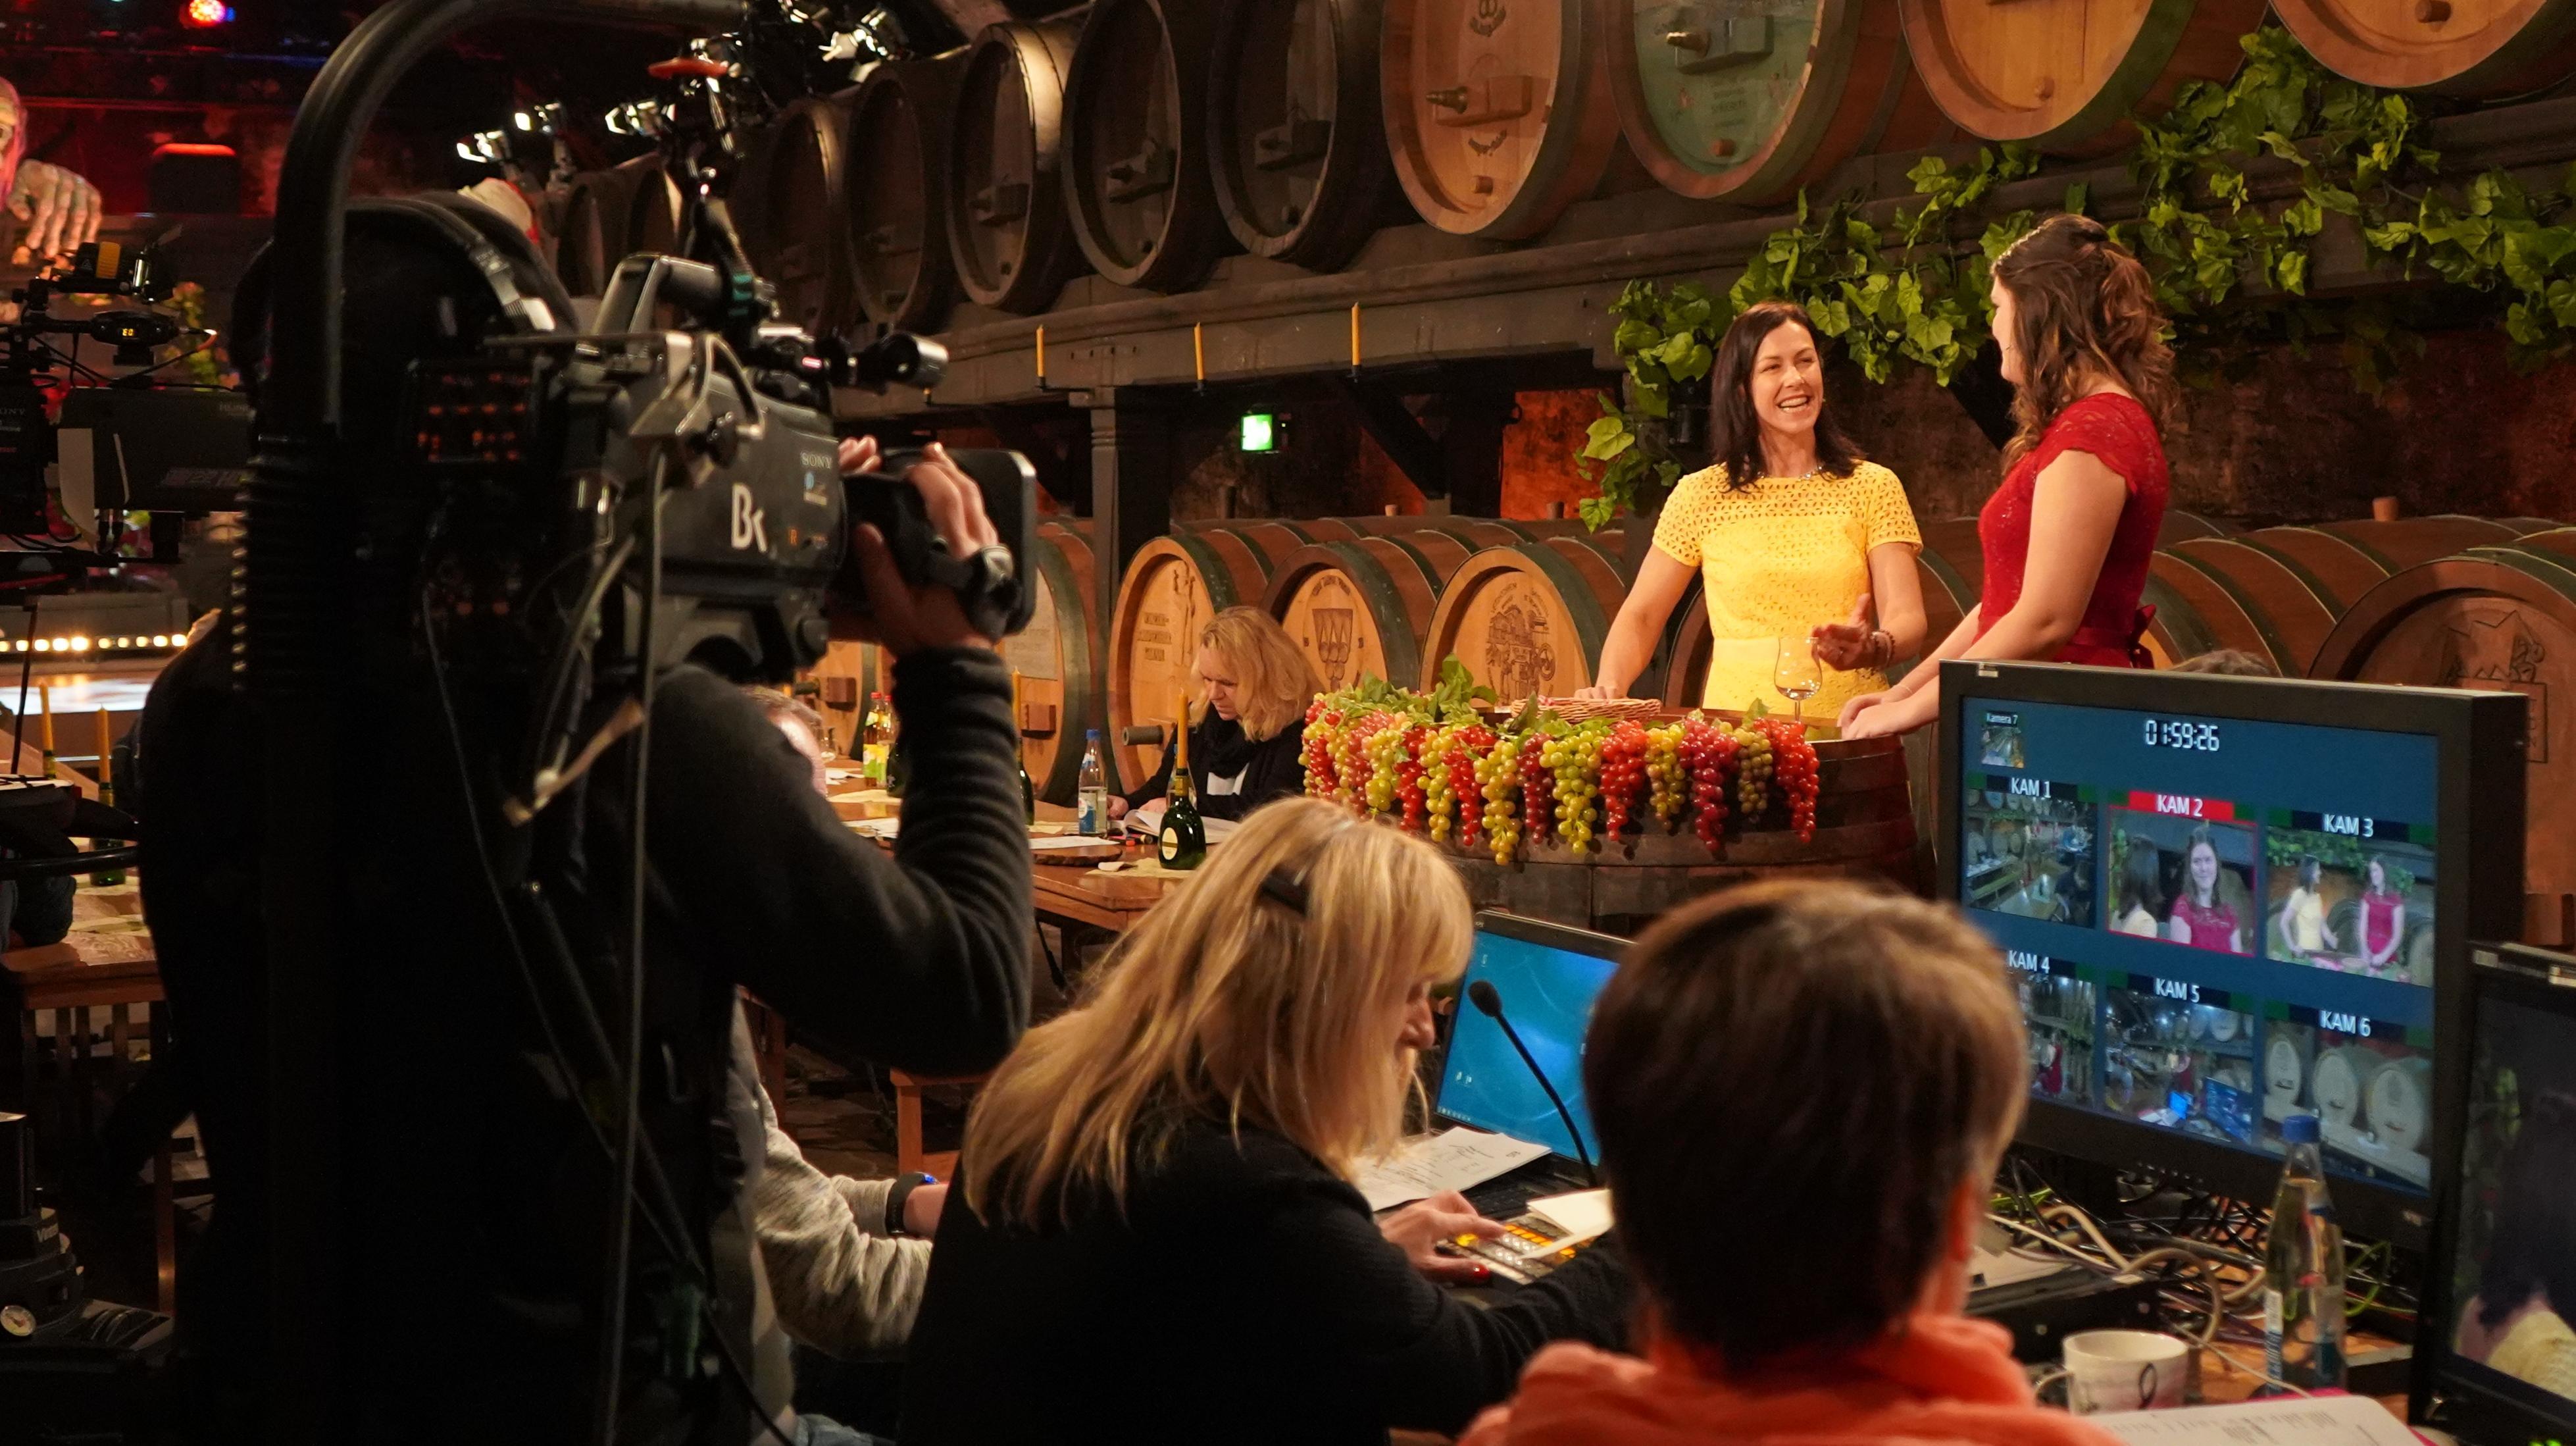 Ein Kameramann hält eine Kamera auf seiner Schulter - im Hintergrund Weinfässer und zwei Frauen, die sich unterhalten